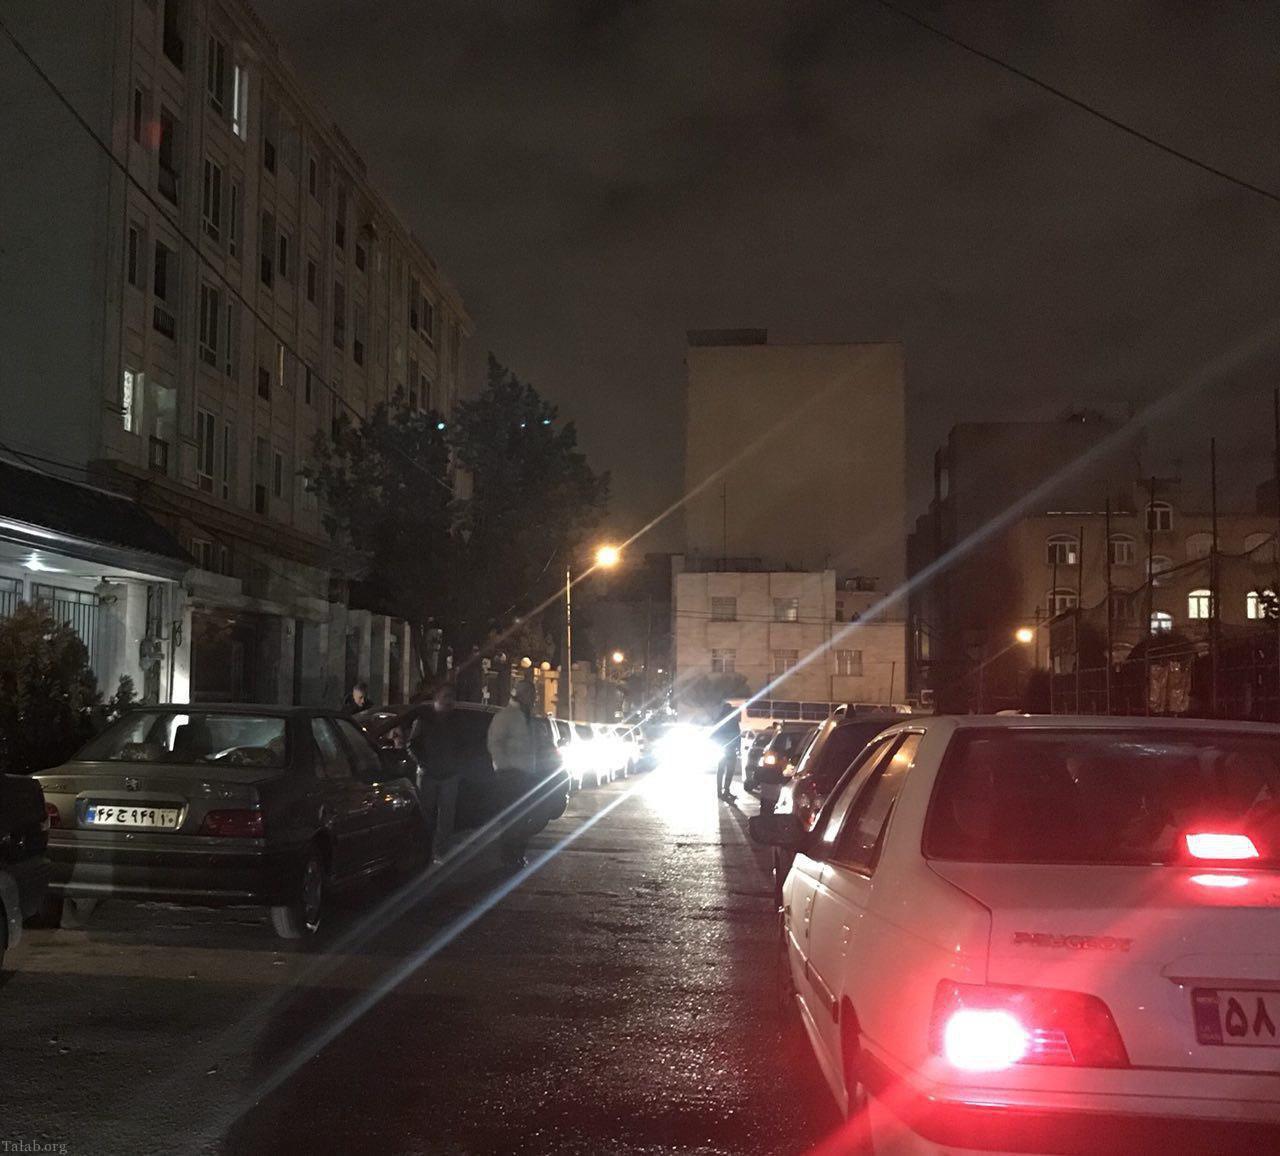 زلزله تهران با 4.2 ریشتر بار دیگر تهران را لرزاند !